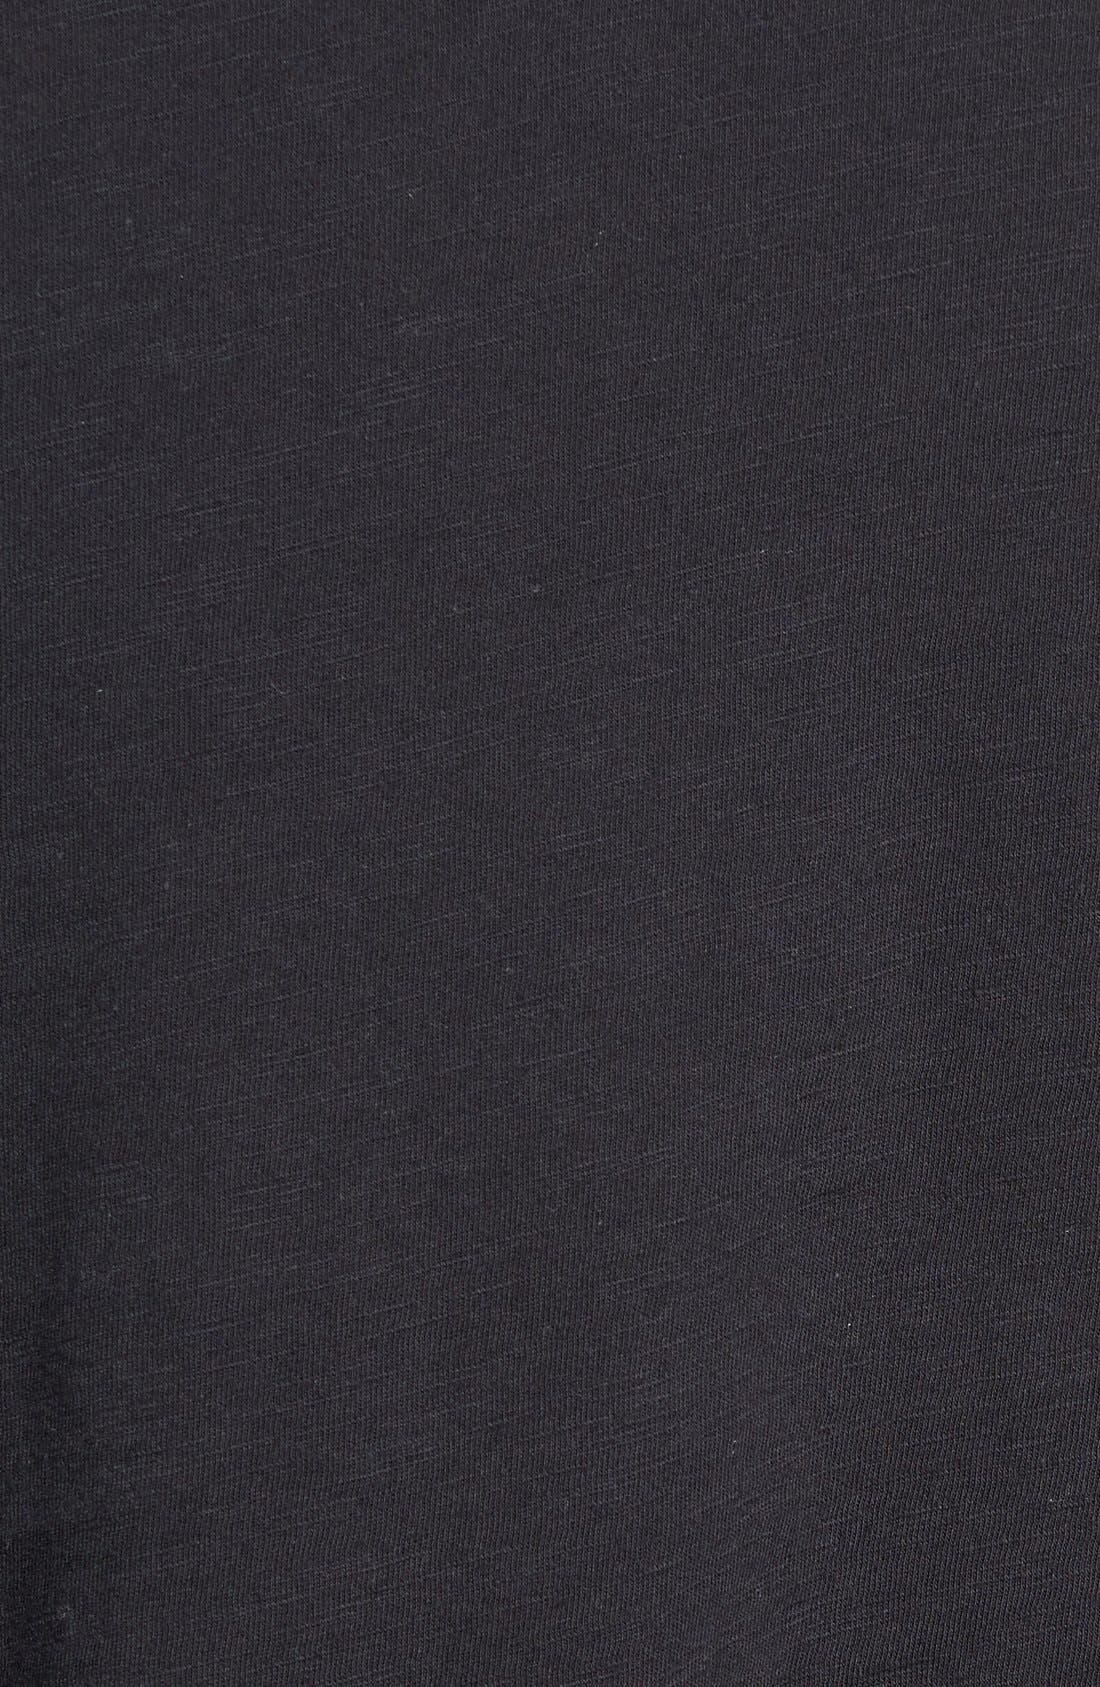 Slub Cotton V-Neck T-Shirt,                             Alternate thumbnail 4, color,                             BLACK